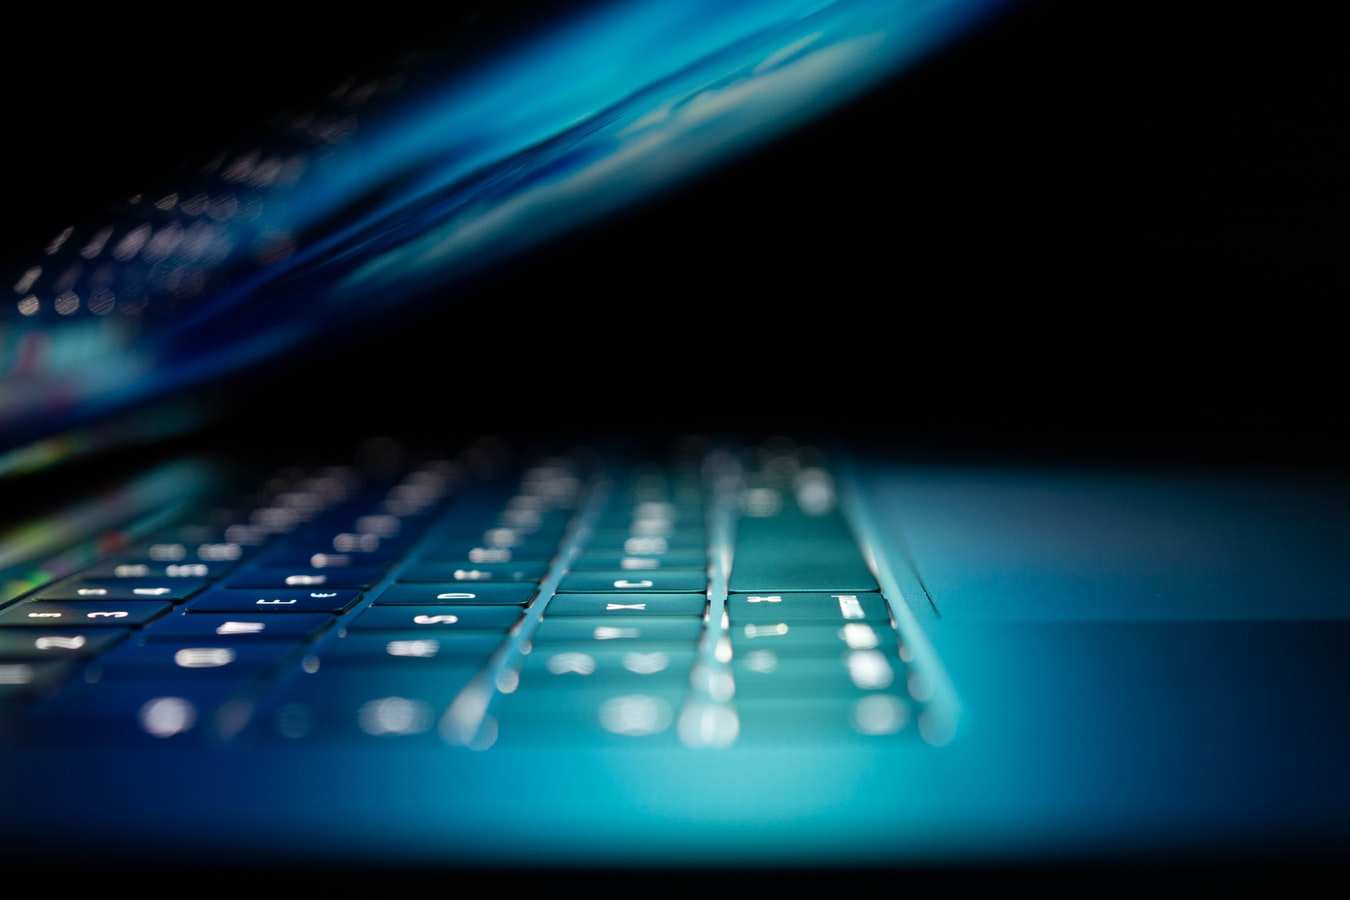 Fortinet i IBM współpracują przy projekcie SkillsBuild w celu zapewnienia kwalifikacji dotyczących cyberbezpieczeństwa